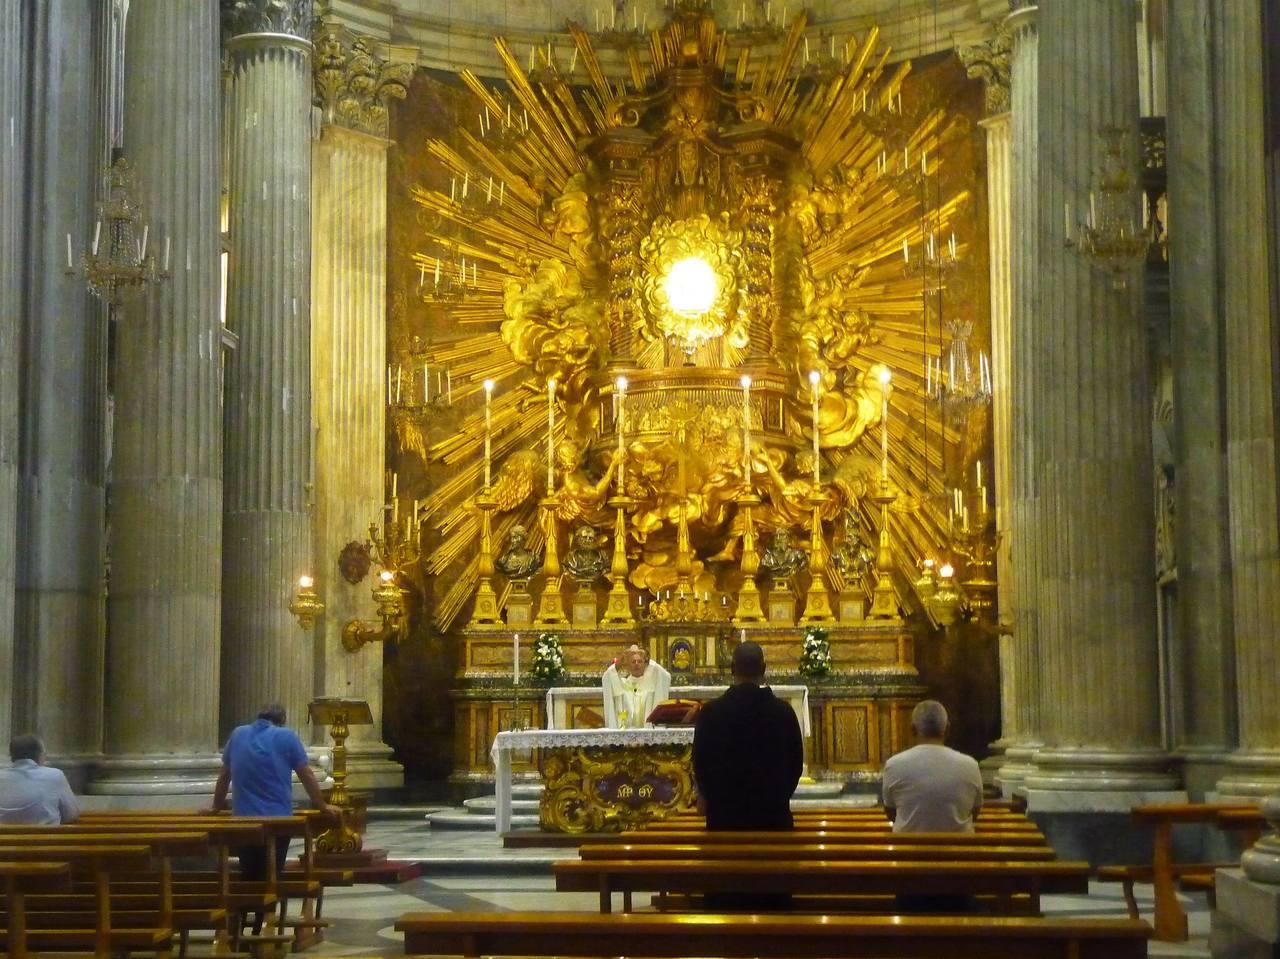 Chiesa S. Maria in Campitelli (18)